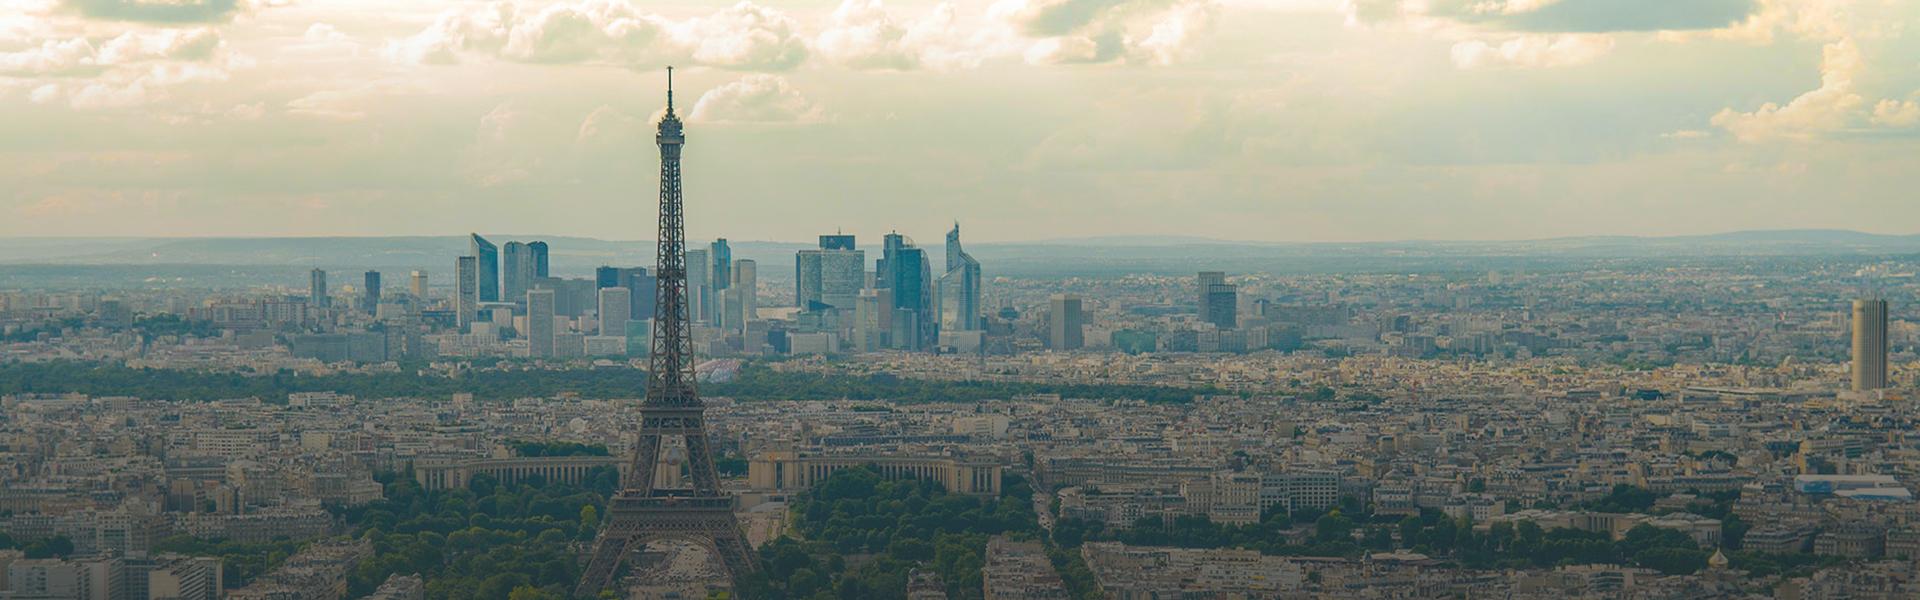 Louer un bureau autour de Paris